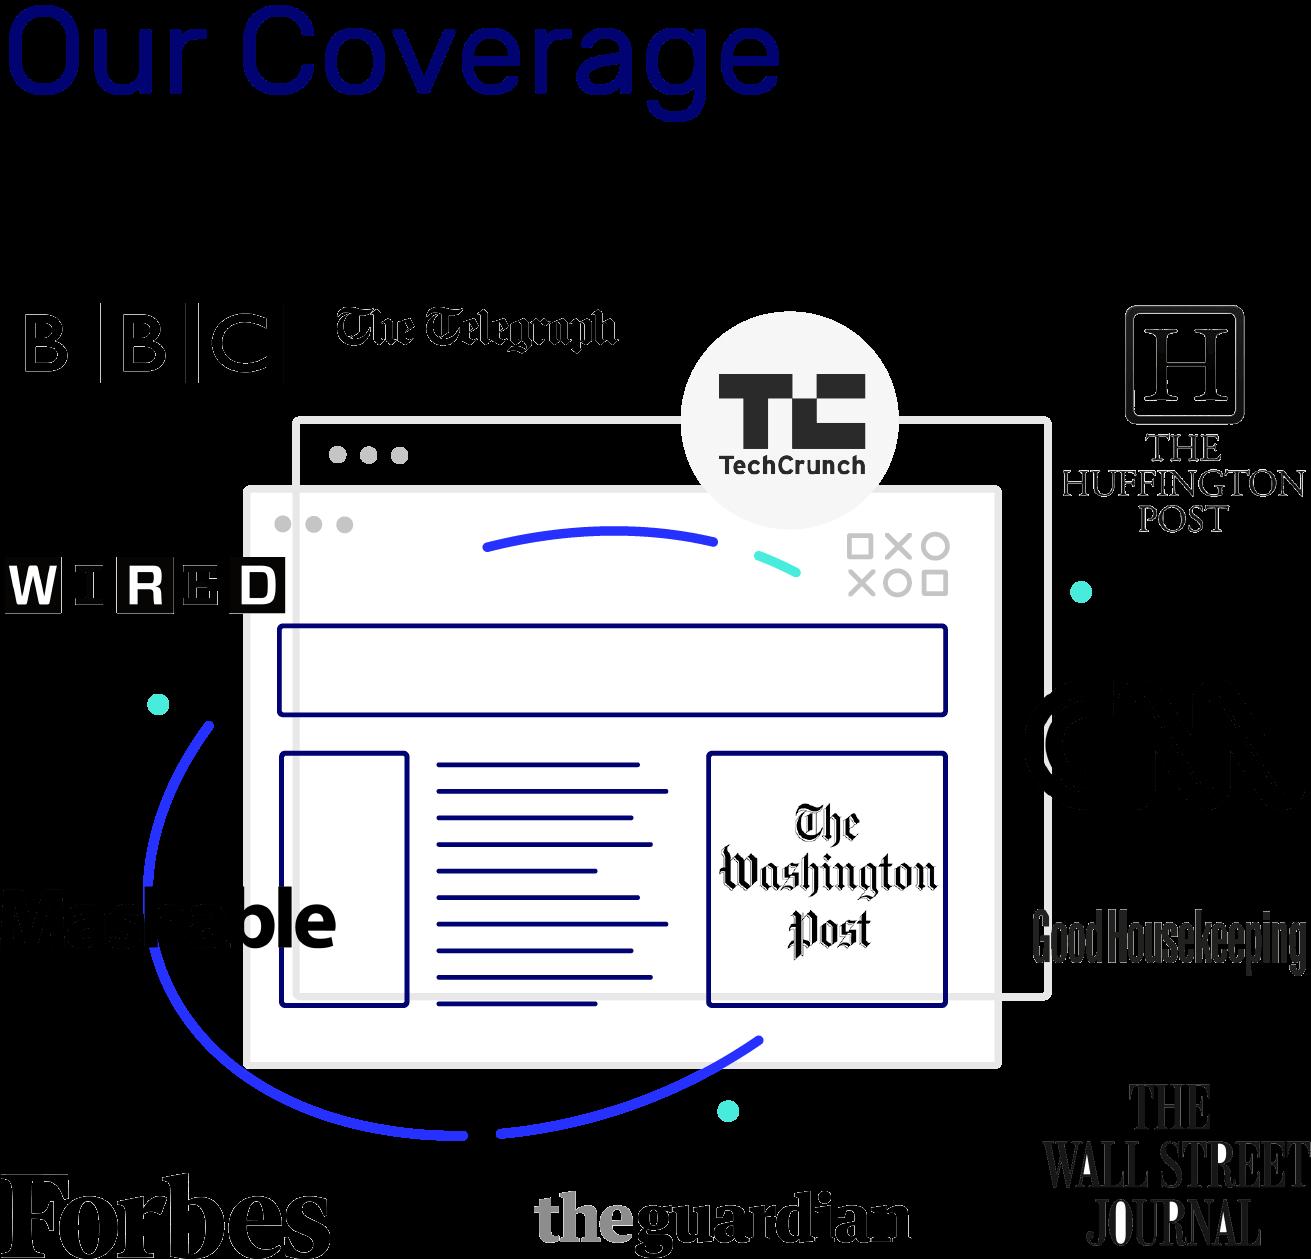 Coverage 01